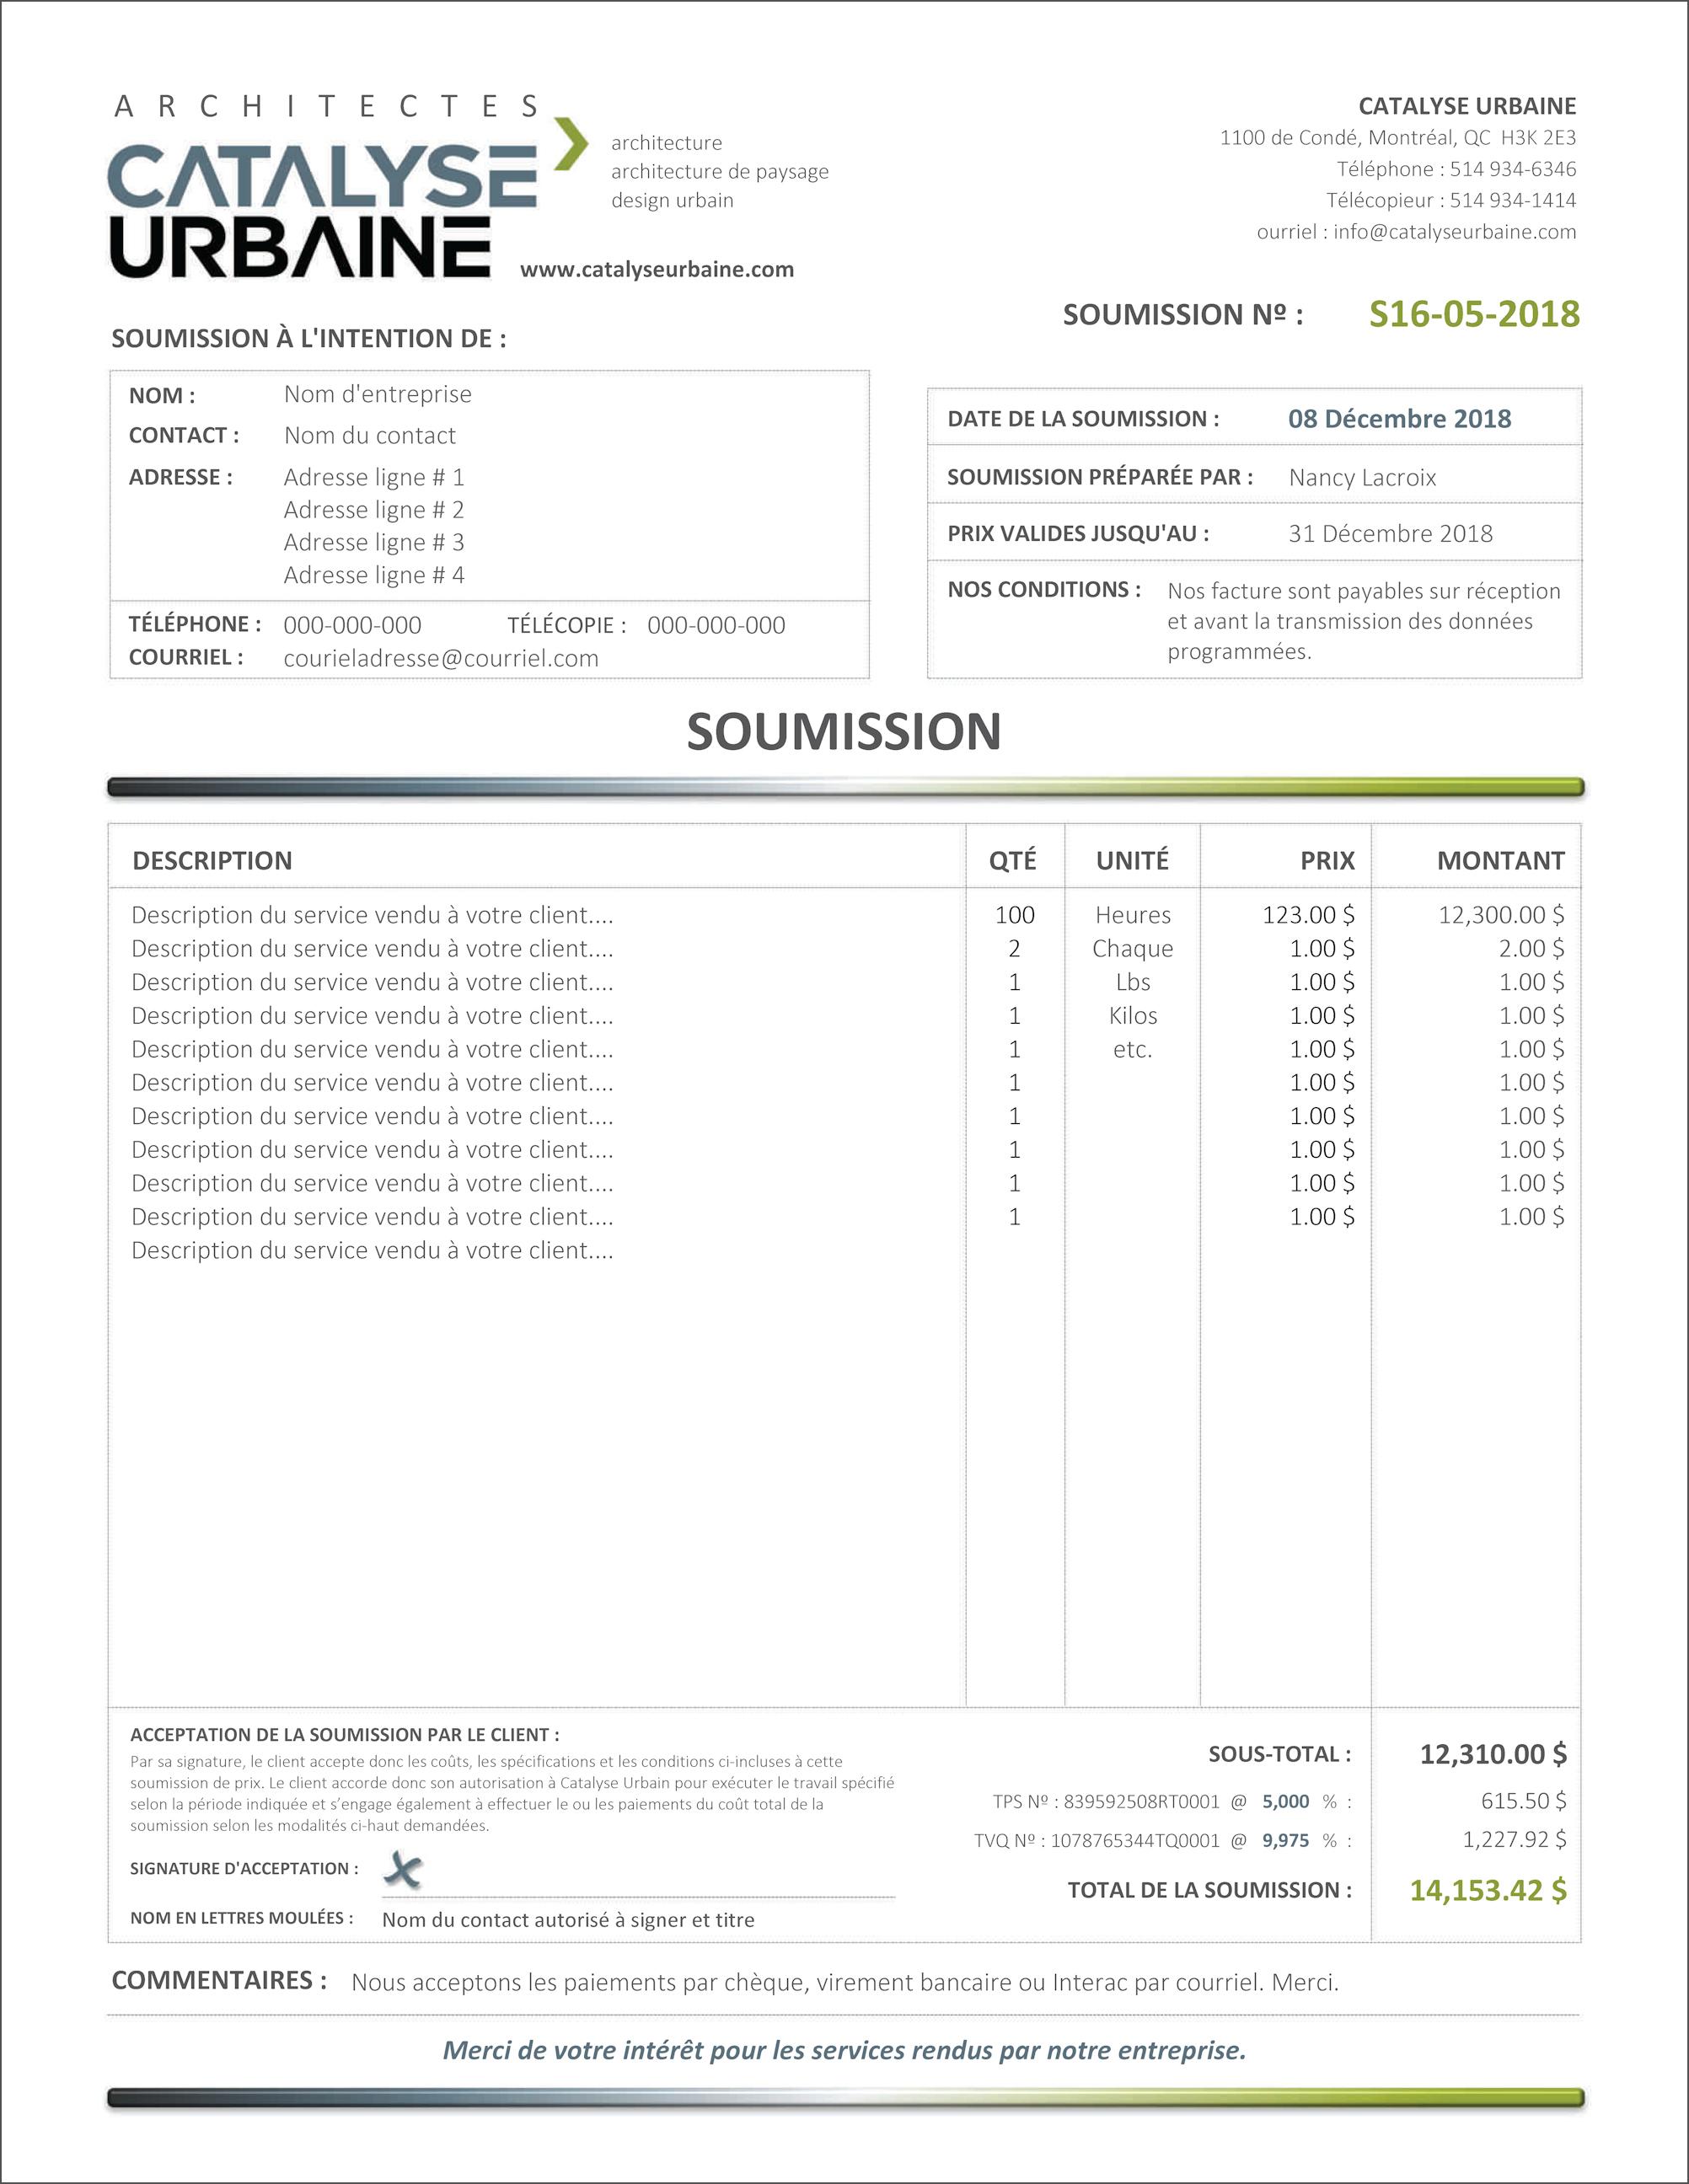 remplir un formulaire pdf avec acrobat reader